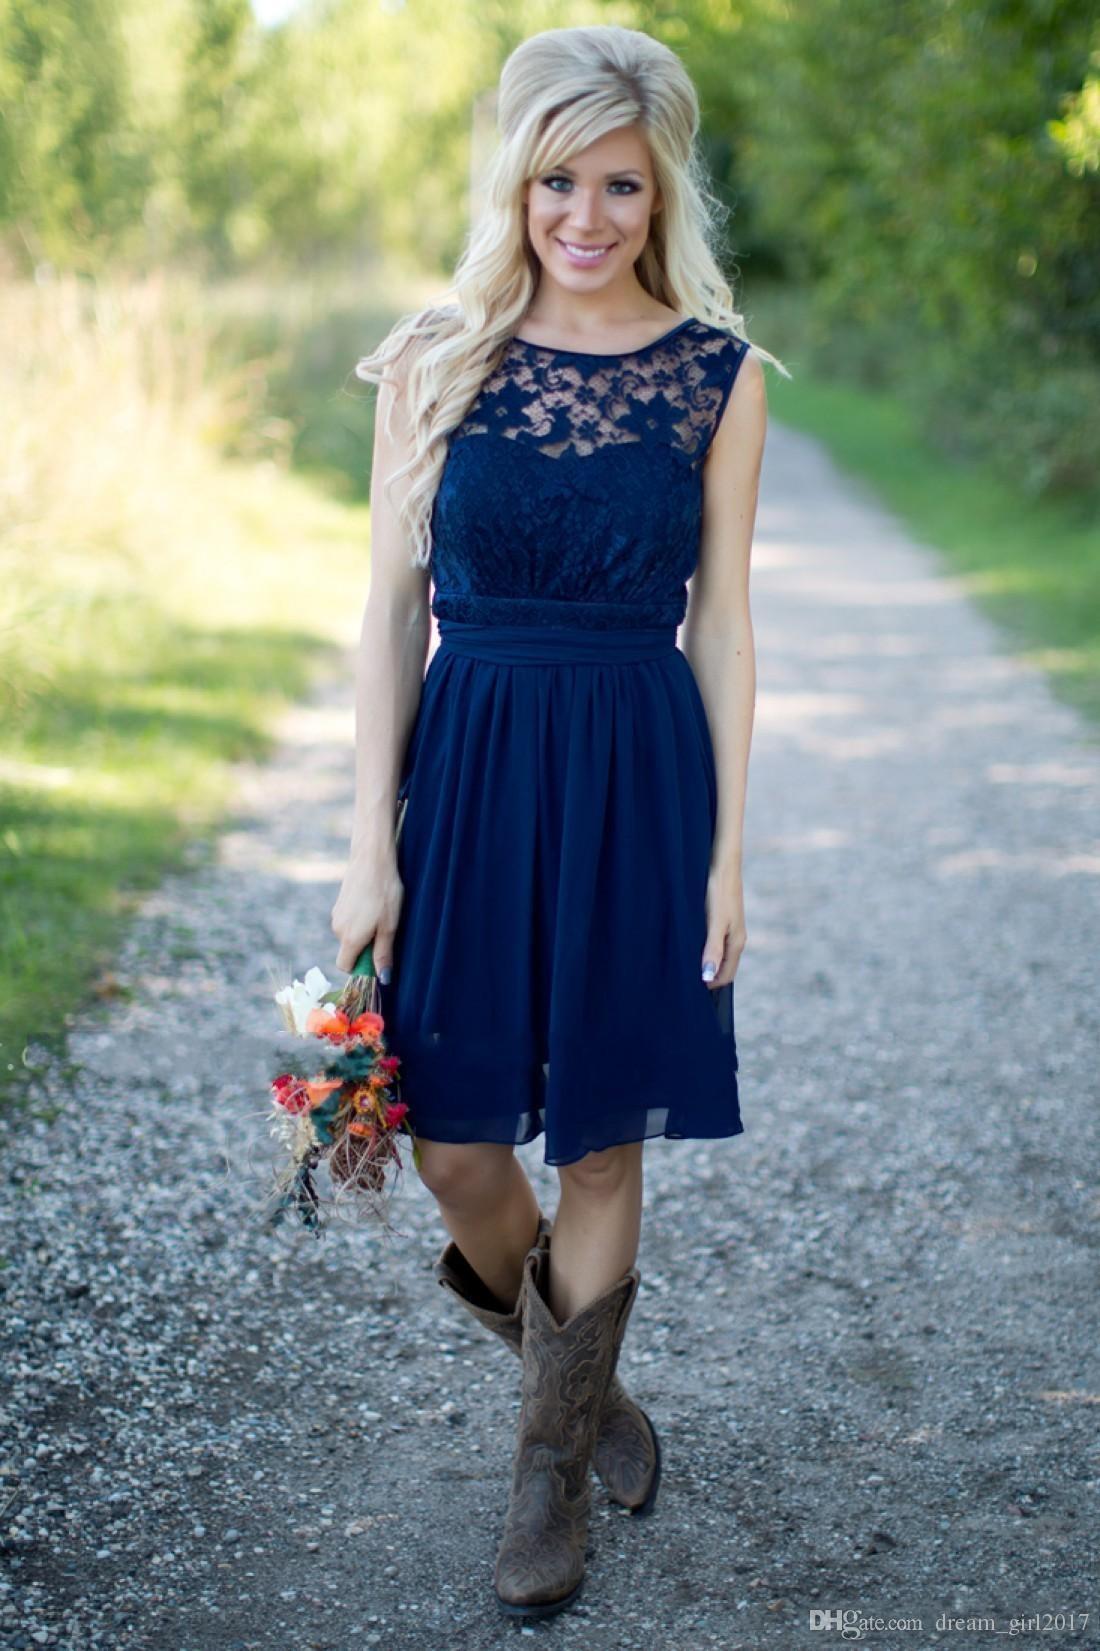 Barato País Da Dama de Honra Vestidos 2017 Para Casamentos Ilusão Pescoço Chiffon Rendas Azul Marinho Sash Partido Na Altura Do Joelho Dama De Honra Vestidos de Honra Sob 100